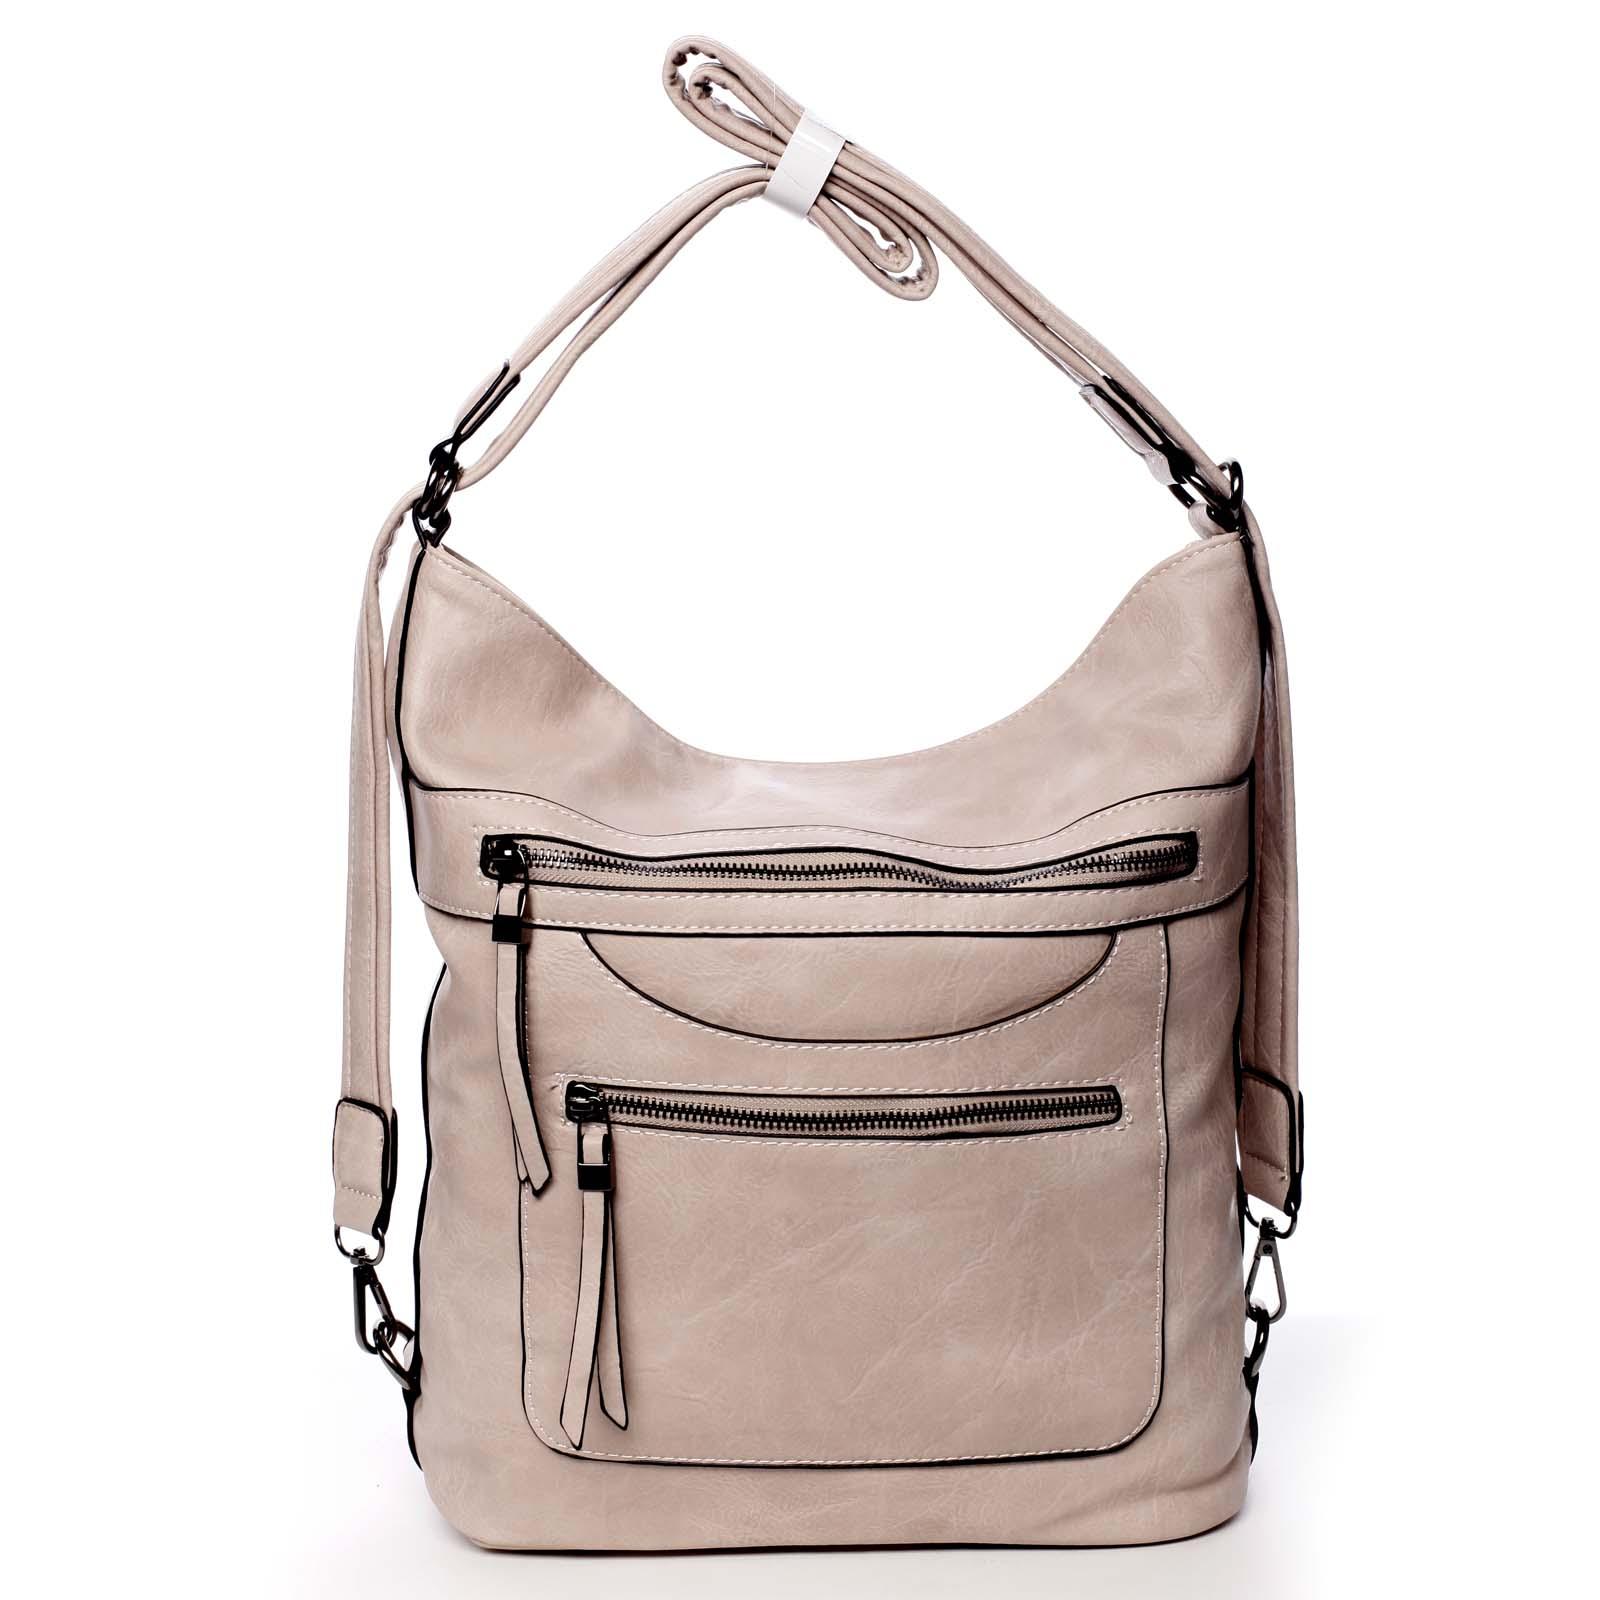 Dámska kabelka batoh svetlo ružová - Romina Pamila ružová